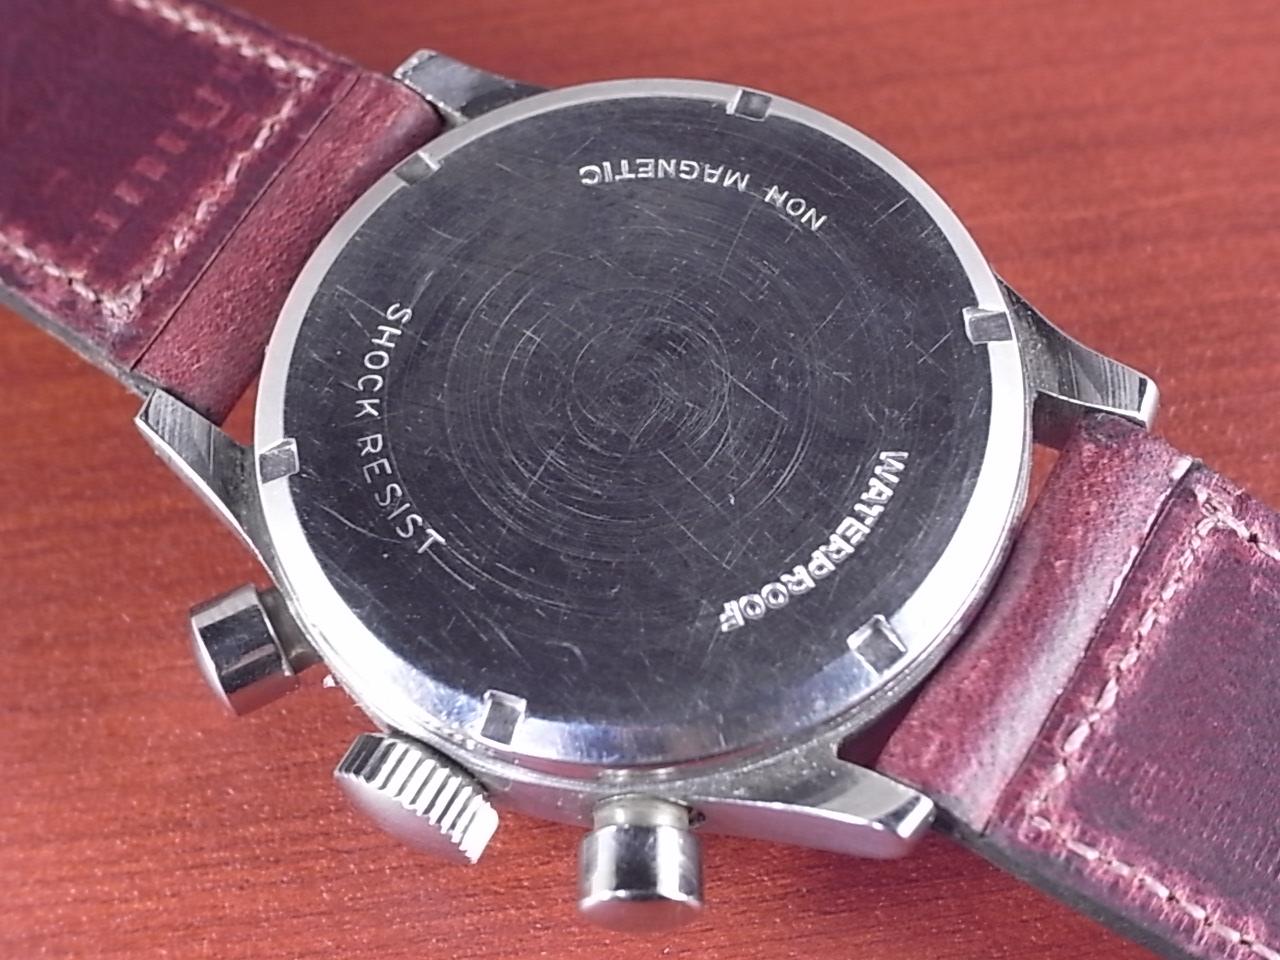 ノーブランド 縦目クロノグラフ ヴィーナス170 ホワイトダイアル 1940年代の写真4枚目